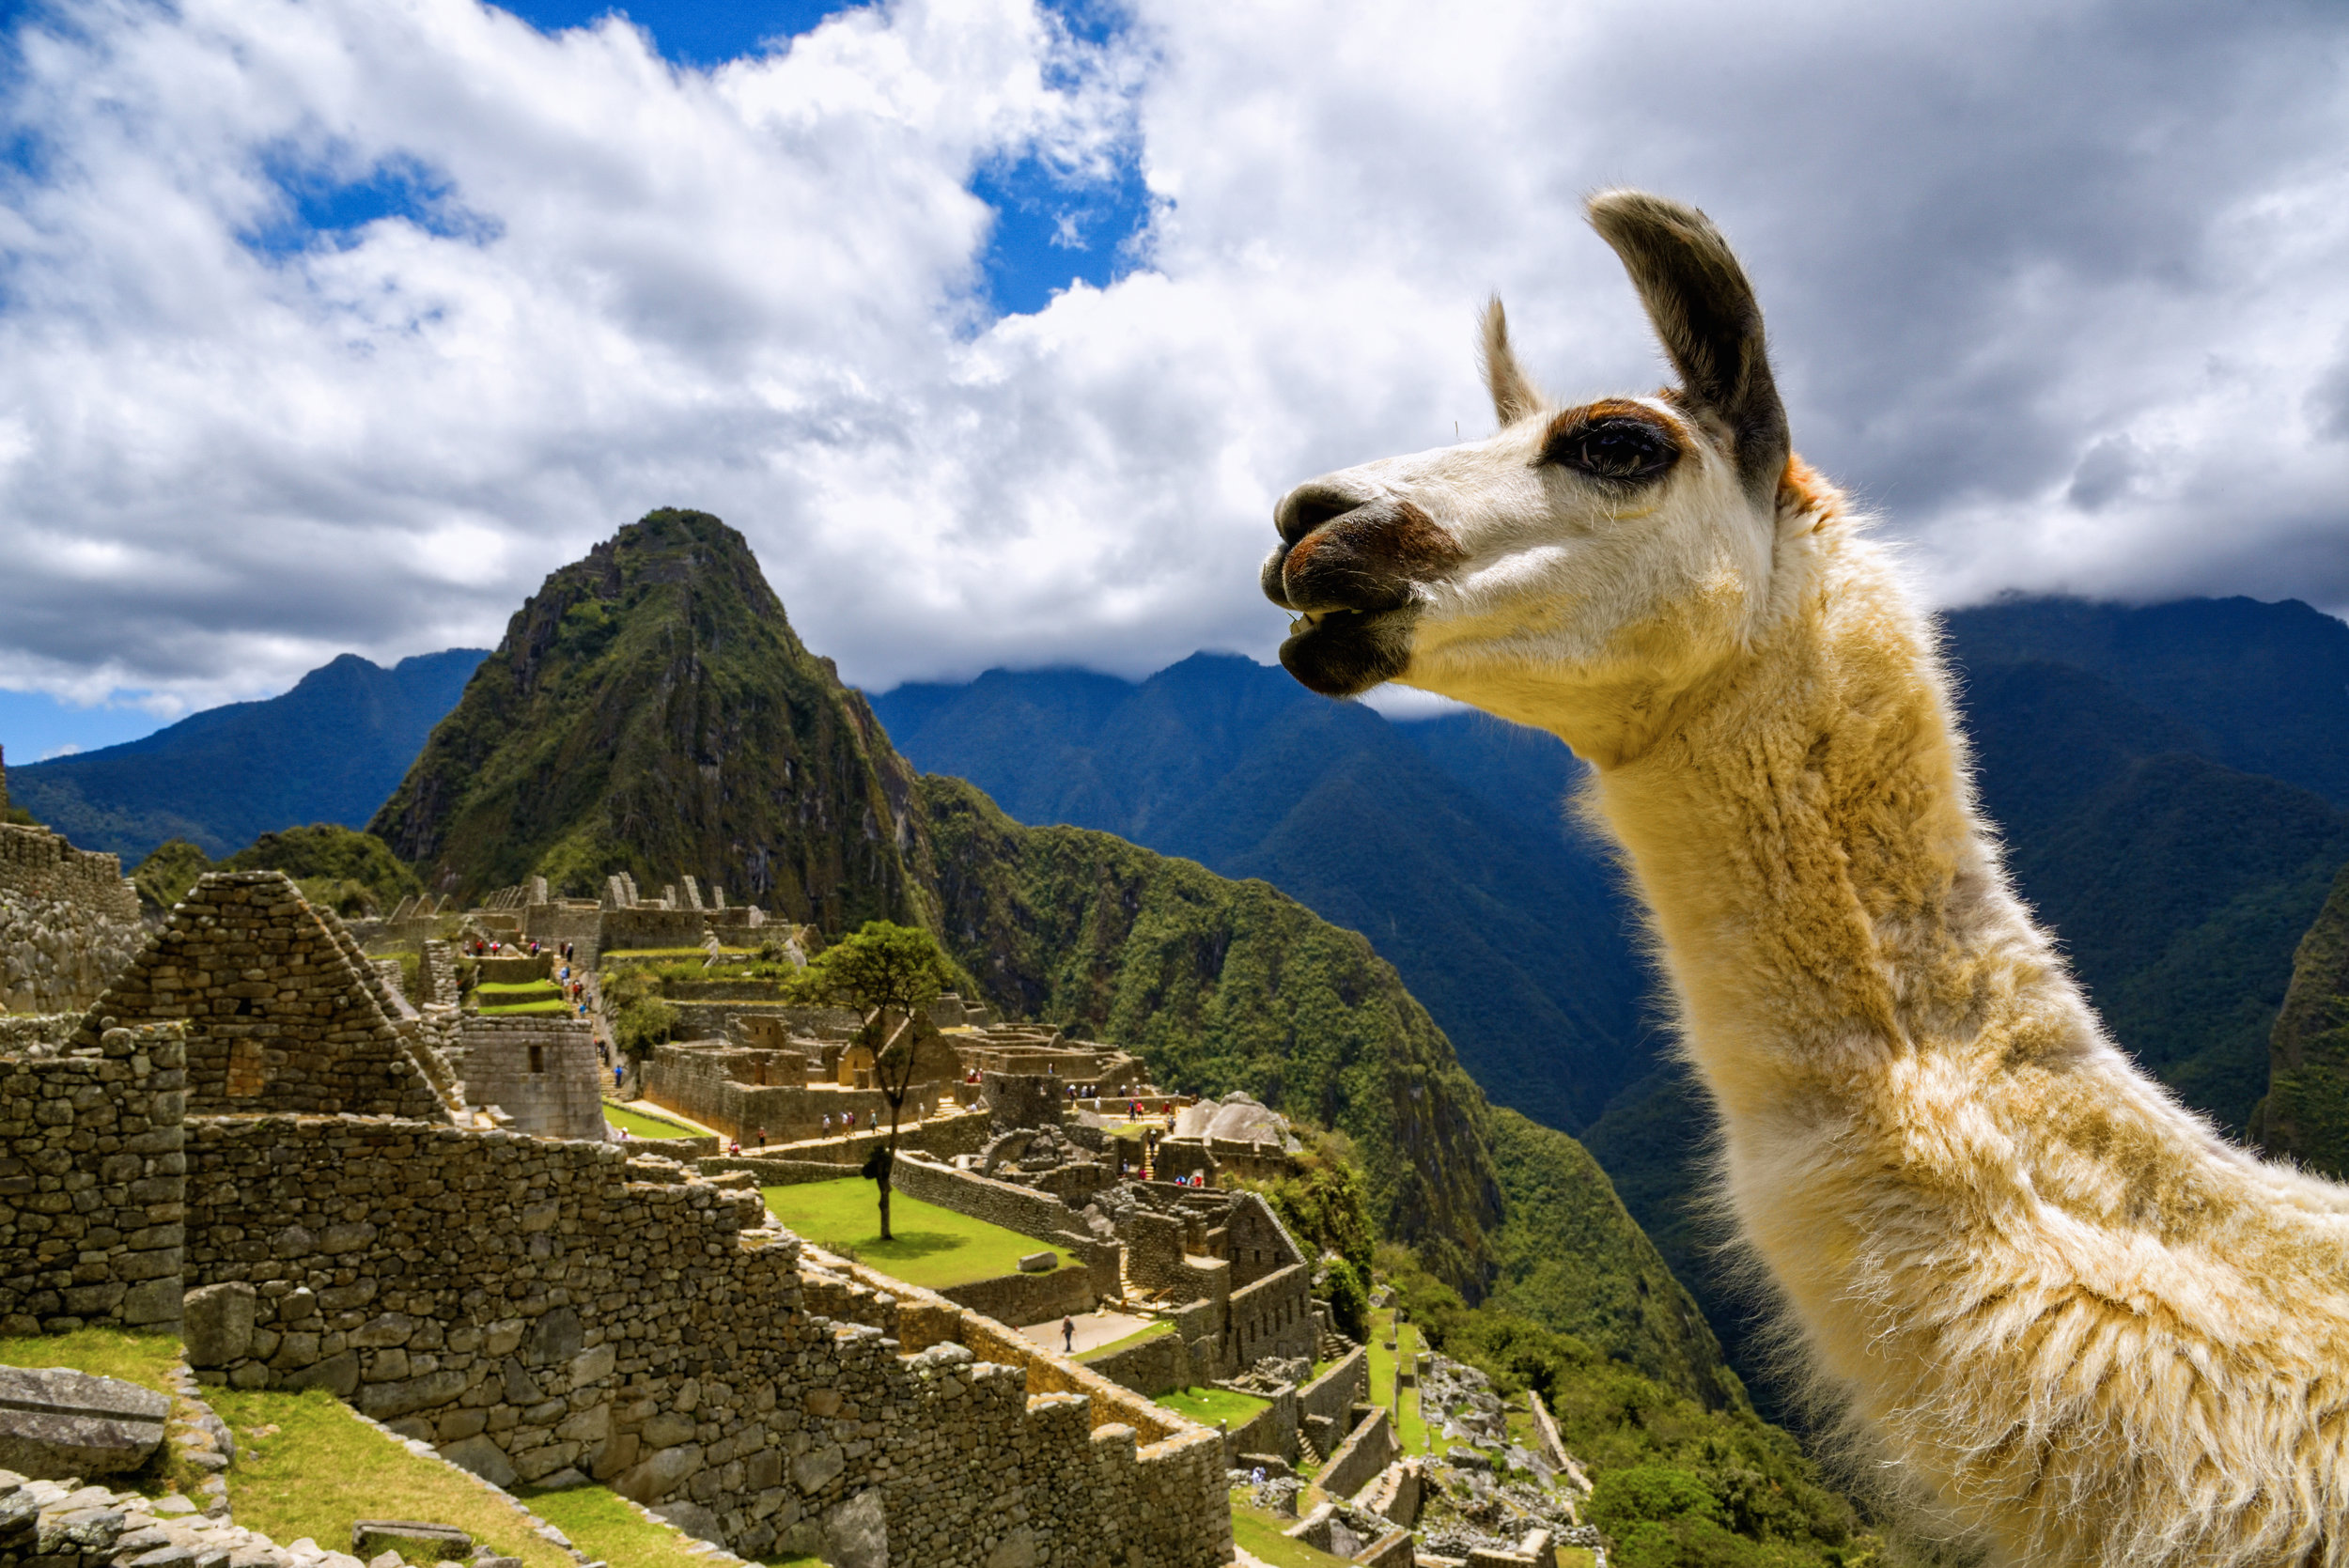 Image; Machu Picchu, Peru